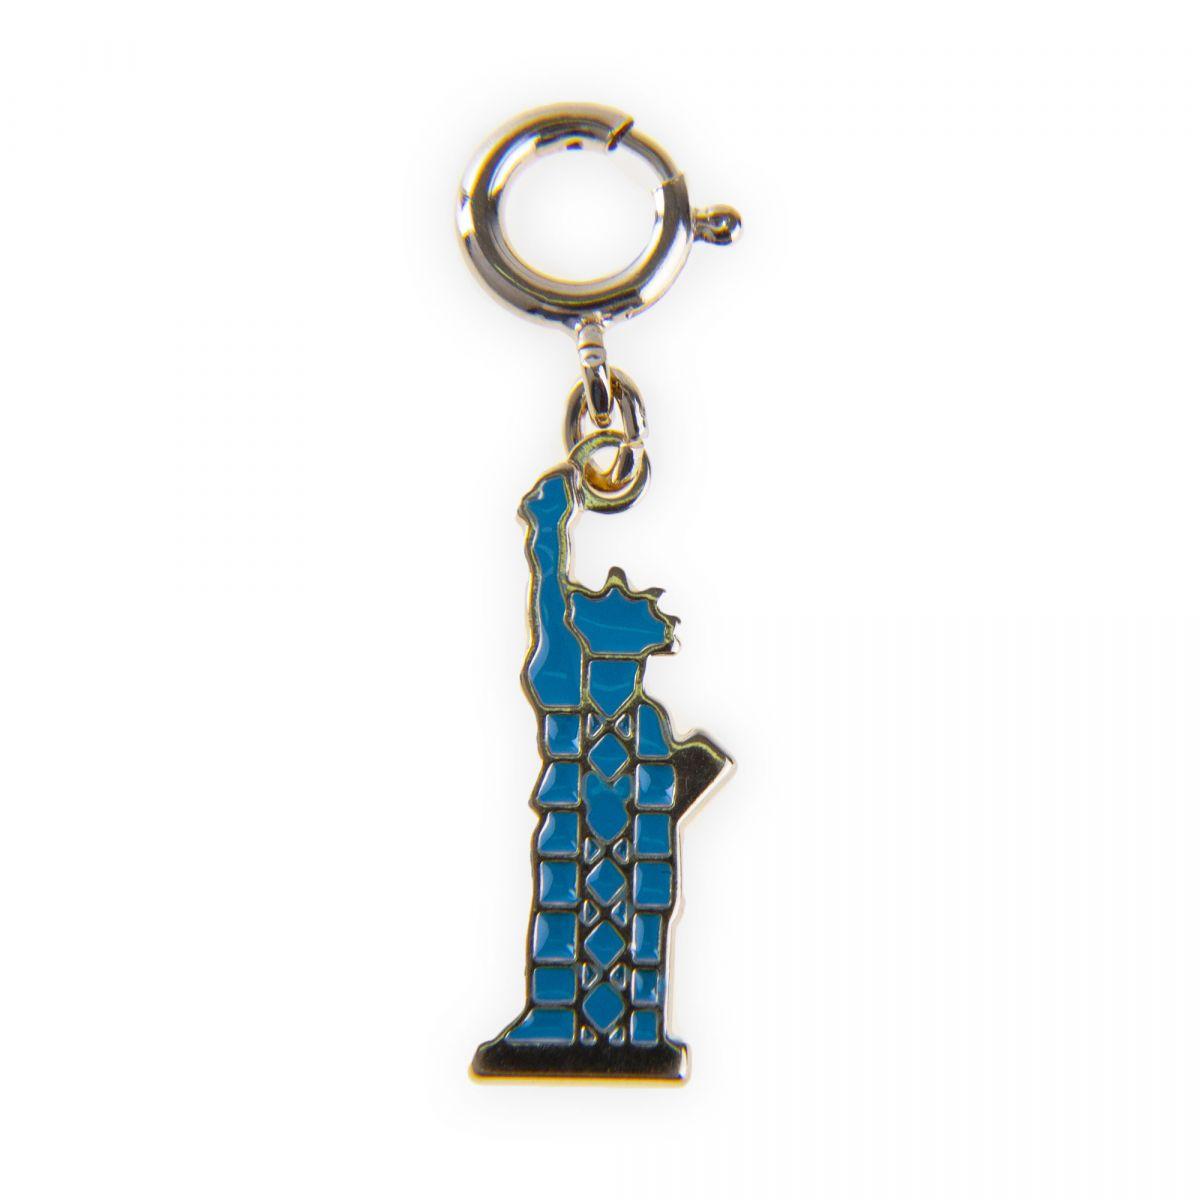 9dcc33e1d5b pendentif-charms-emaille-en-plaque-or-statue-de-la-liberte-femme-kenzo.jpg